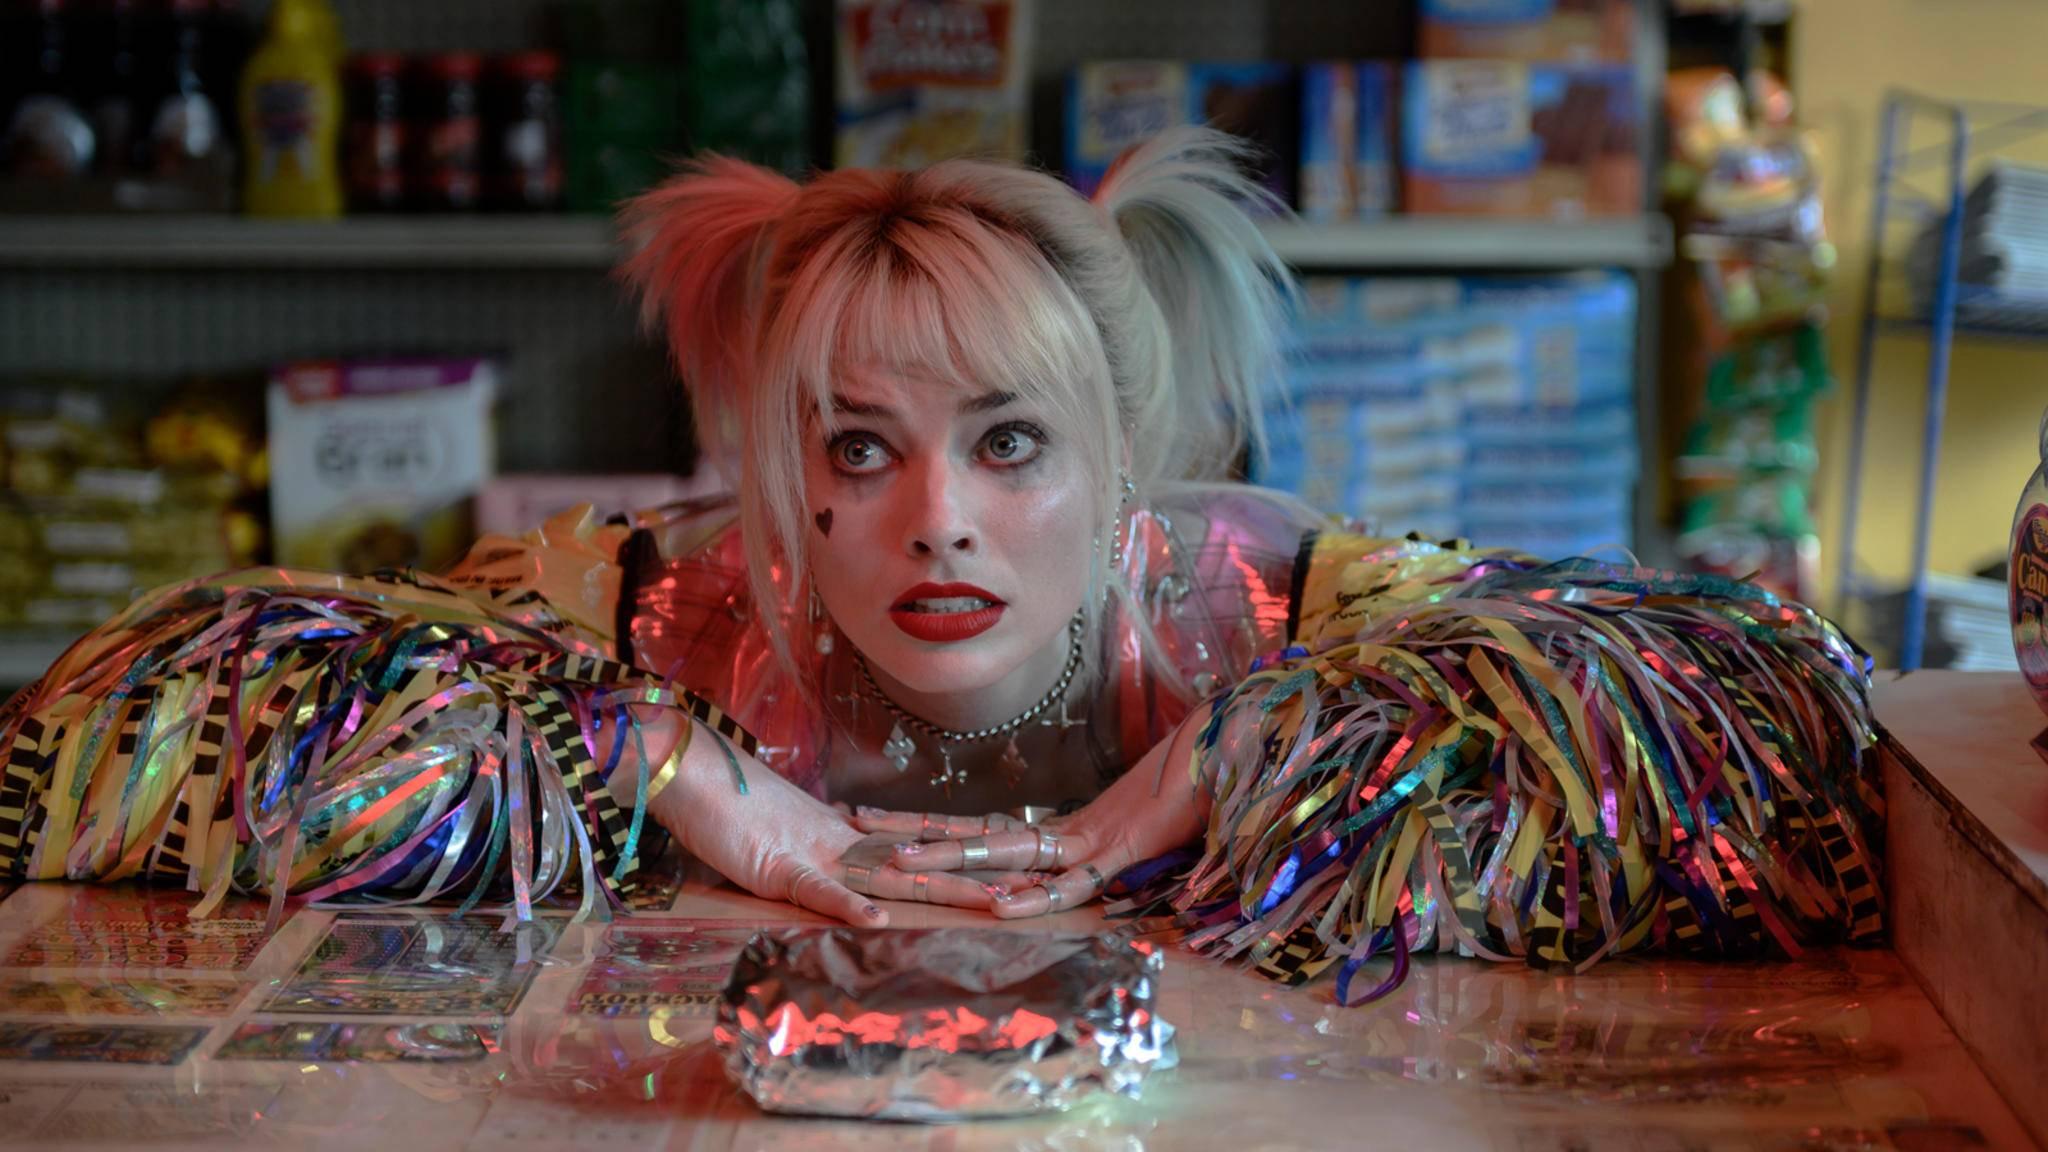 Besser spät als nie? Harley Quinns Name soll jetzt die DC-Fans in die Kinos locken.